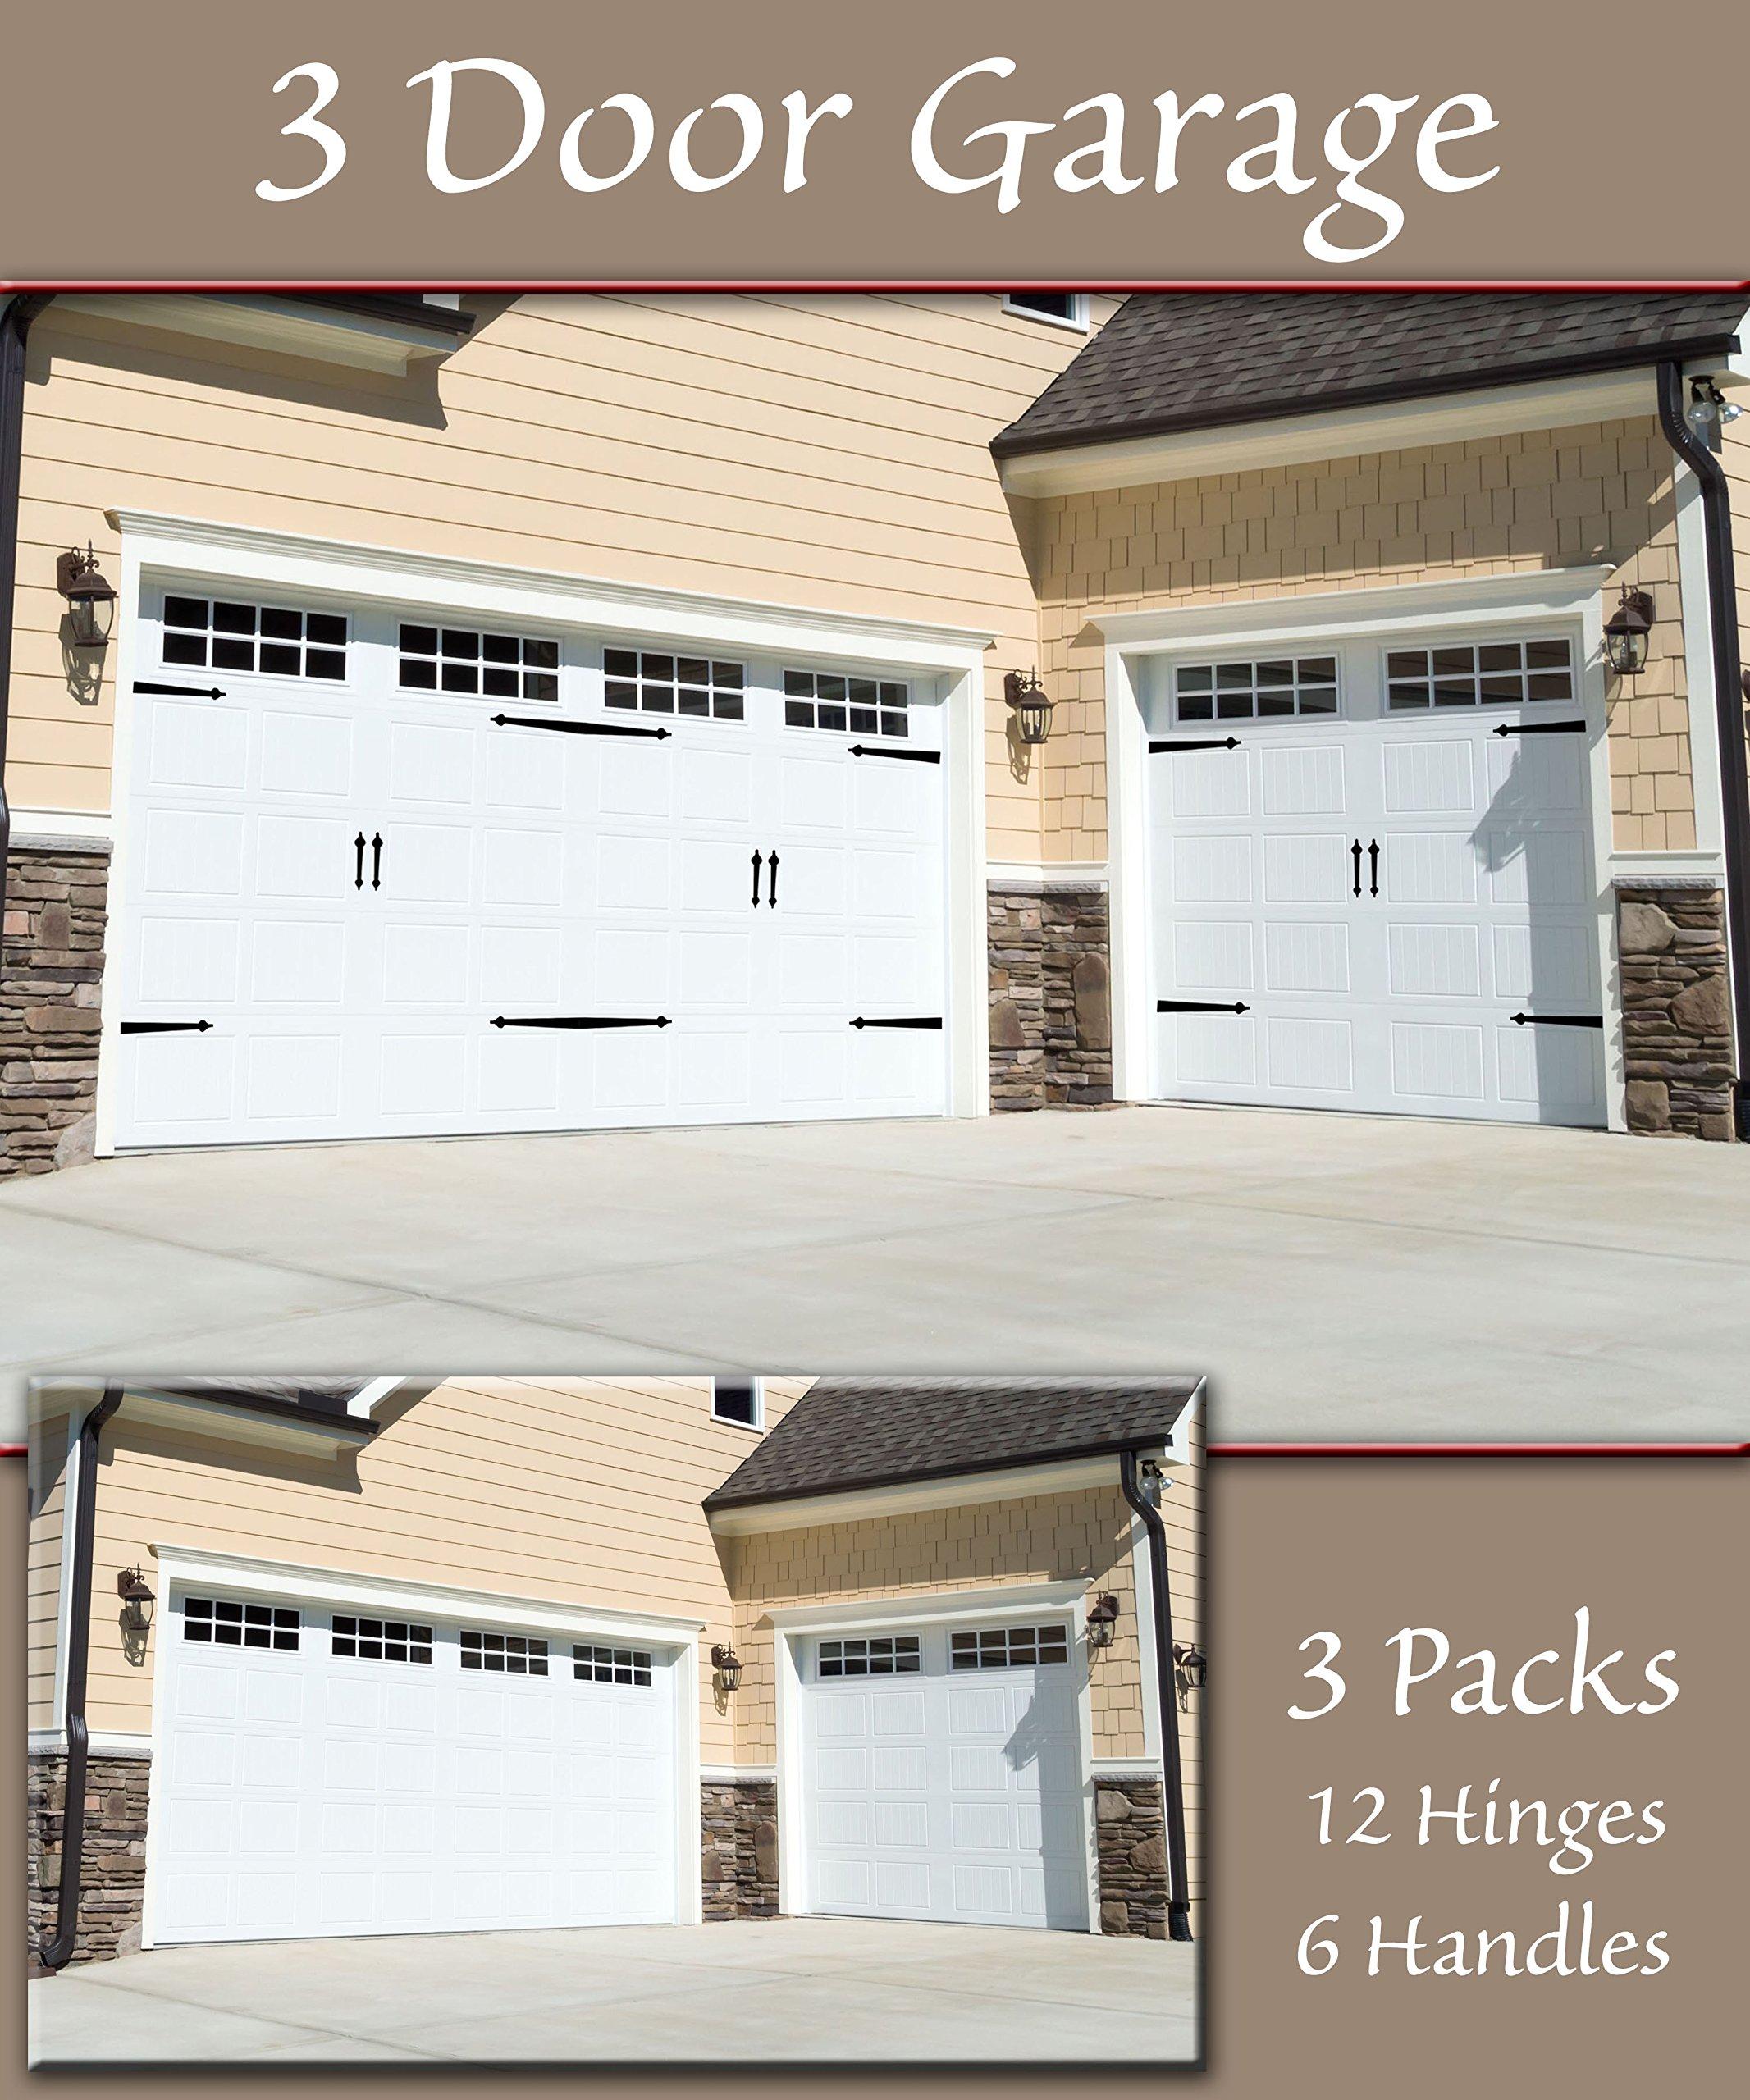 Garage Door Strong Magnetic Door Accents Decorative Black